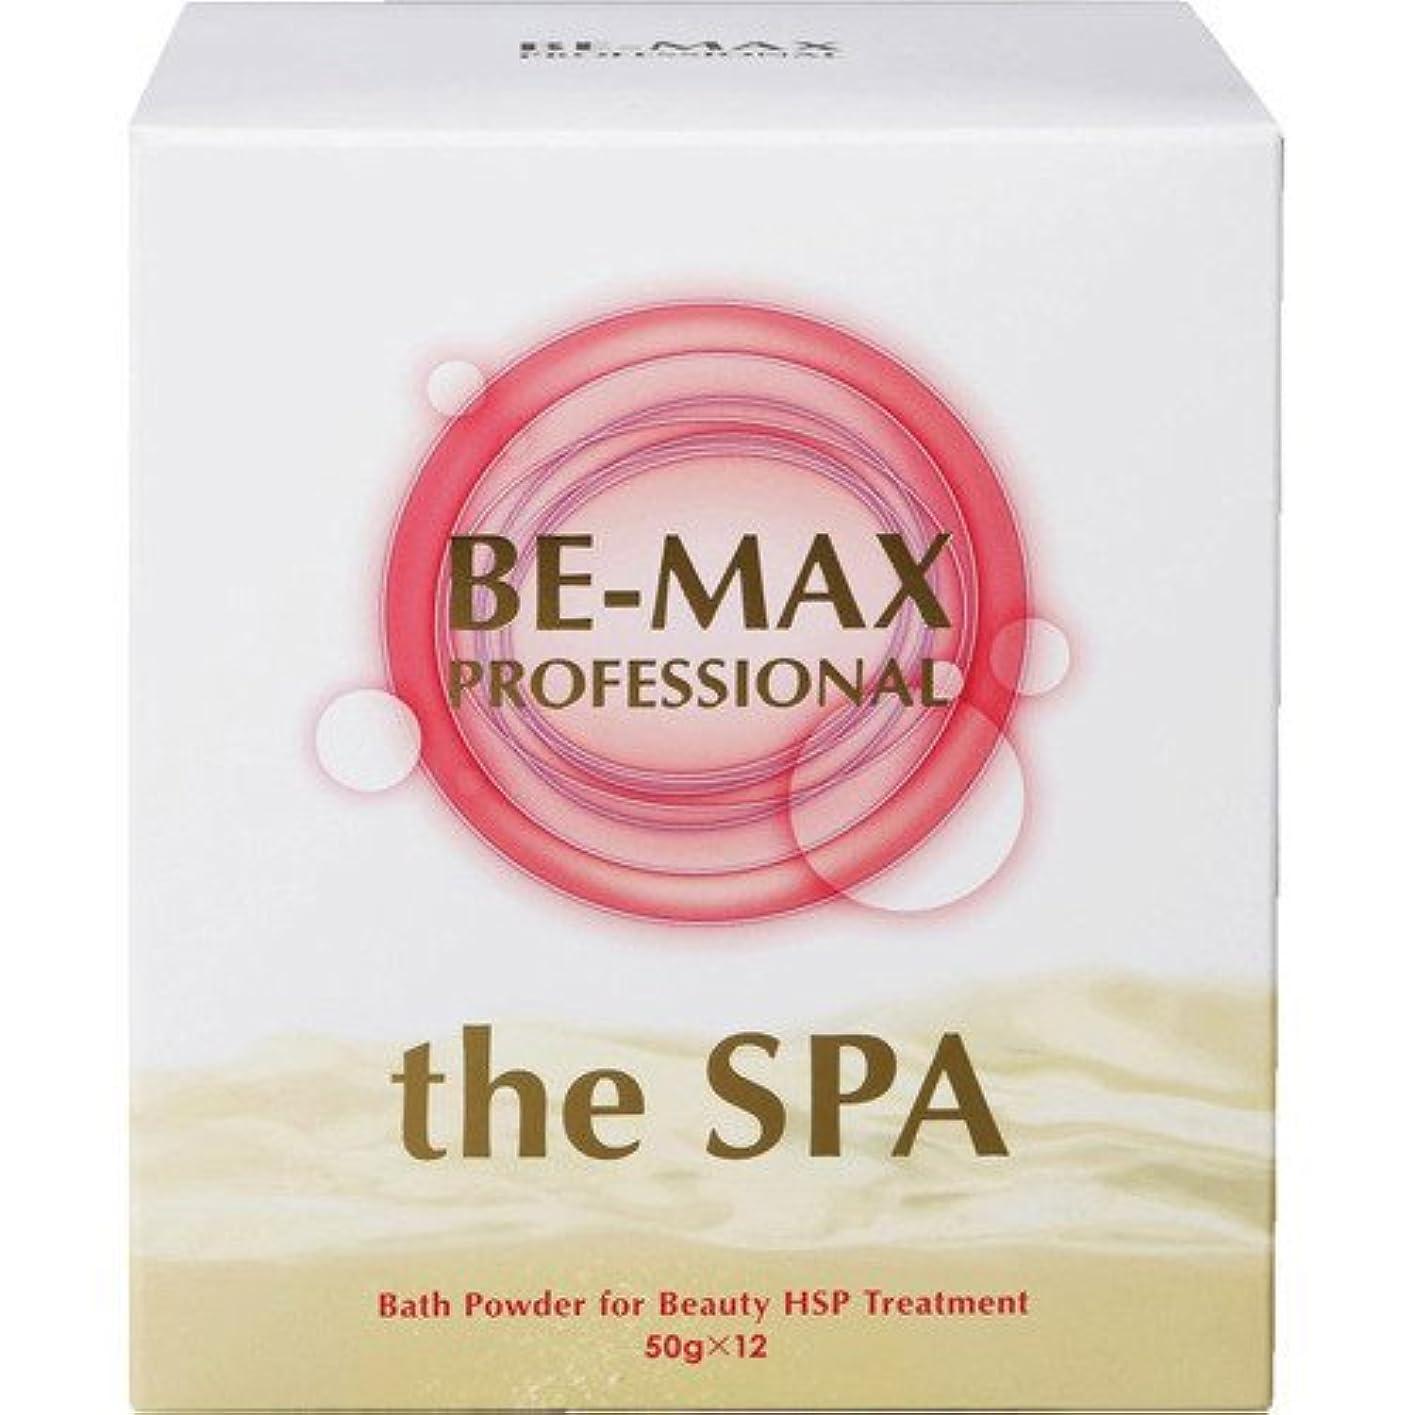 それから教養がある仕立て屋BE-MAX PROFESSIONAL the SPA(ザ?スパ) ビーマックスプロフェッショナル ザ?スパ バスパウダー 50gx12包 (4571132621587)